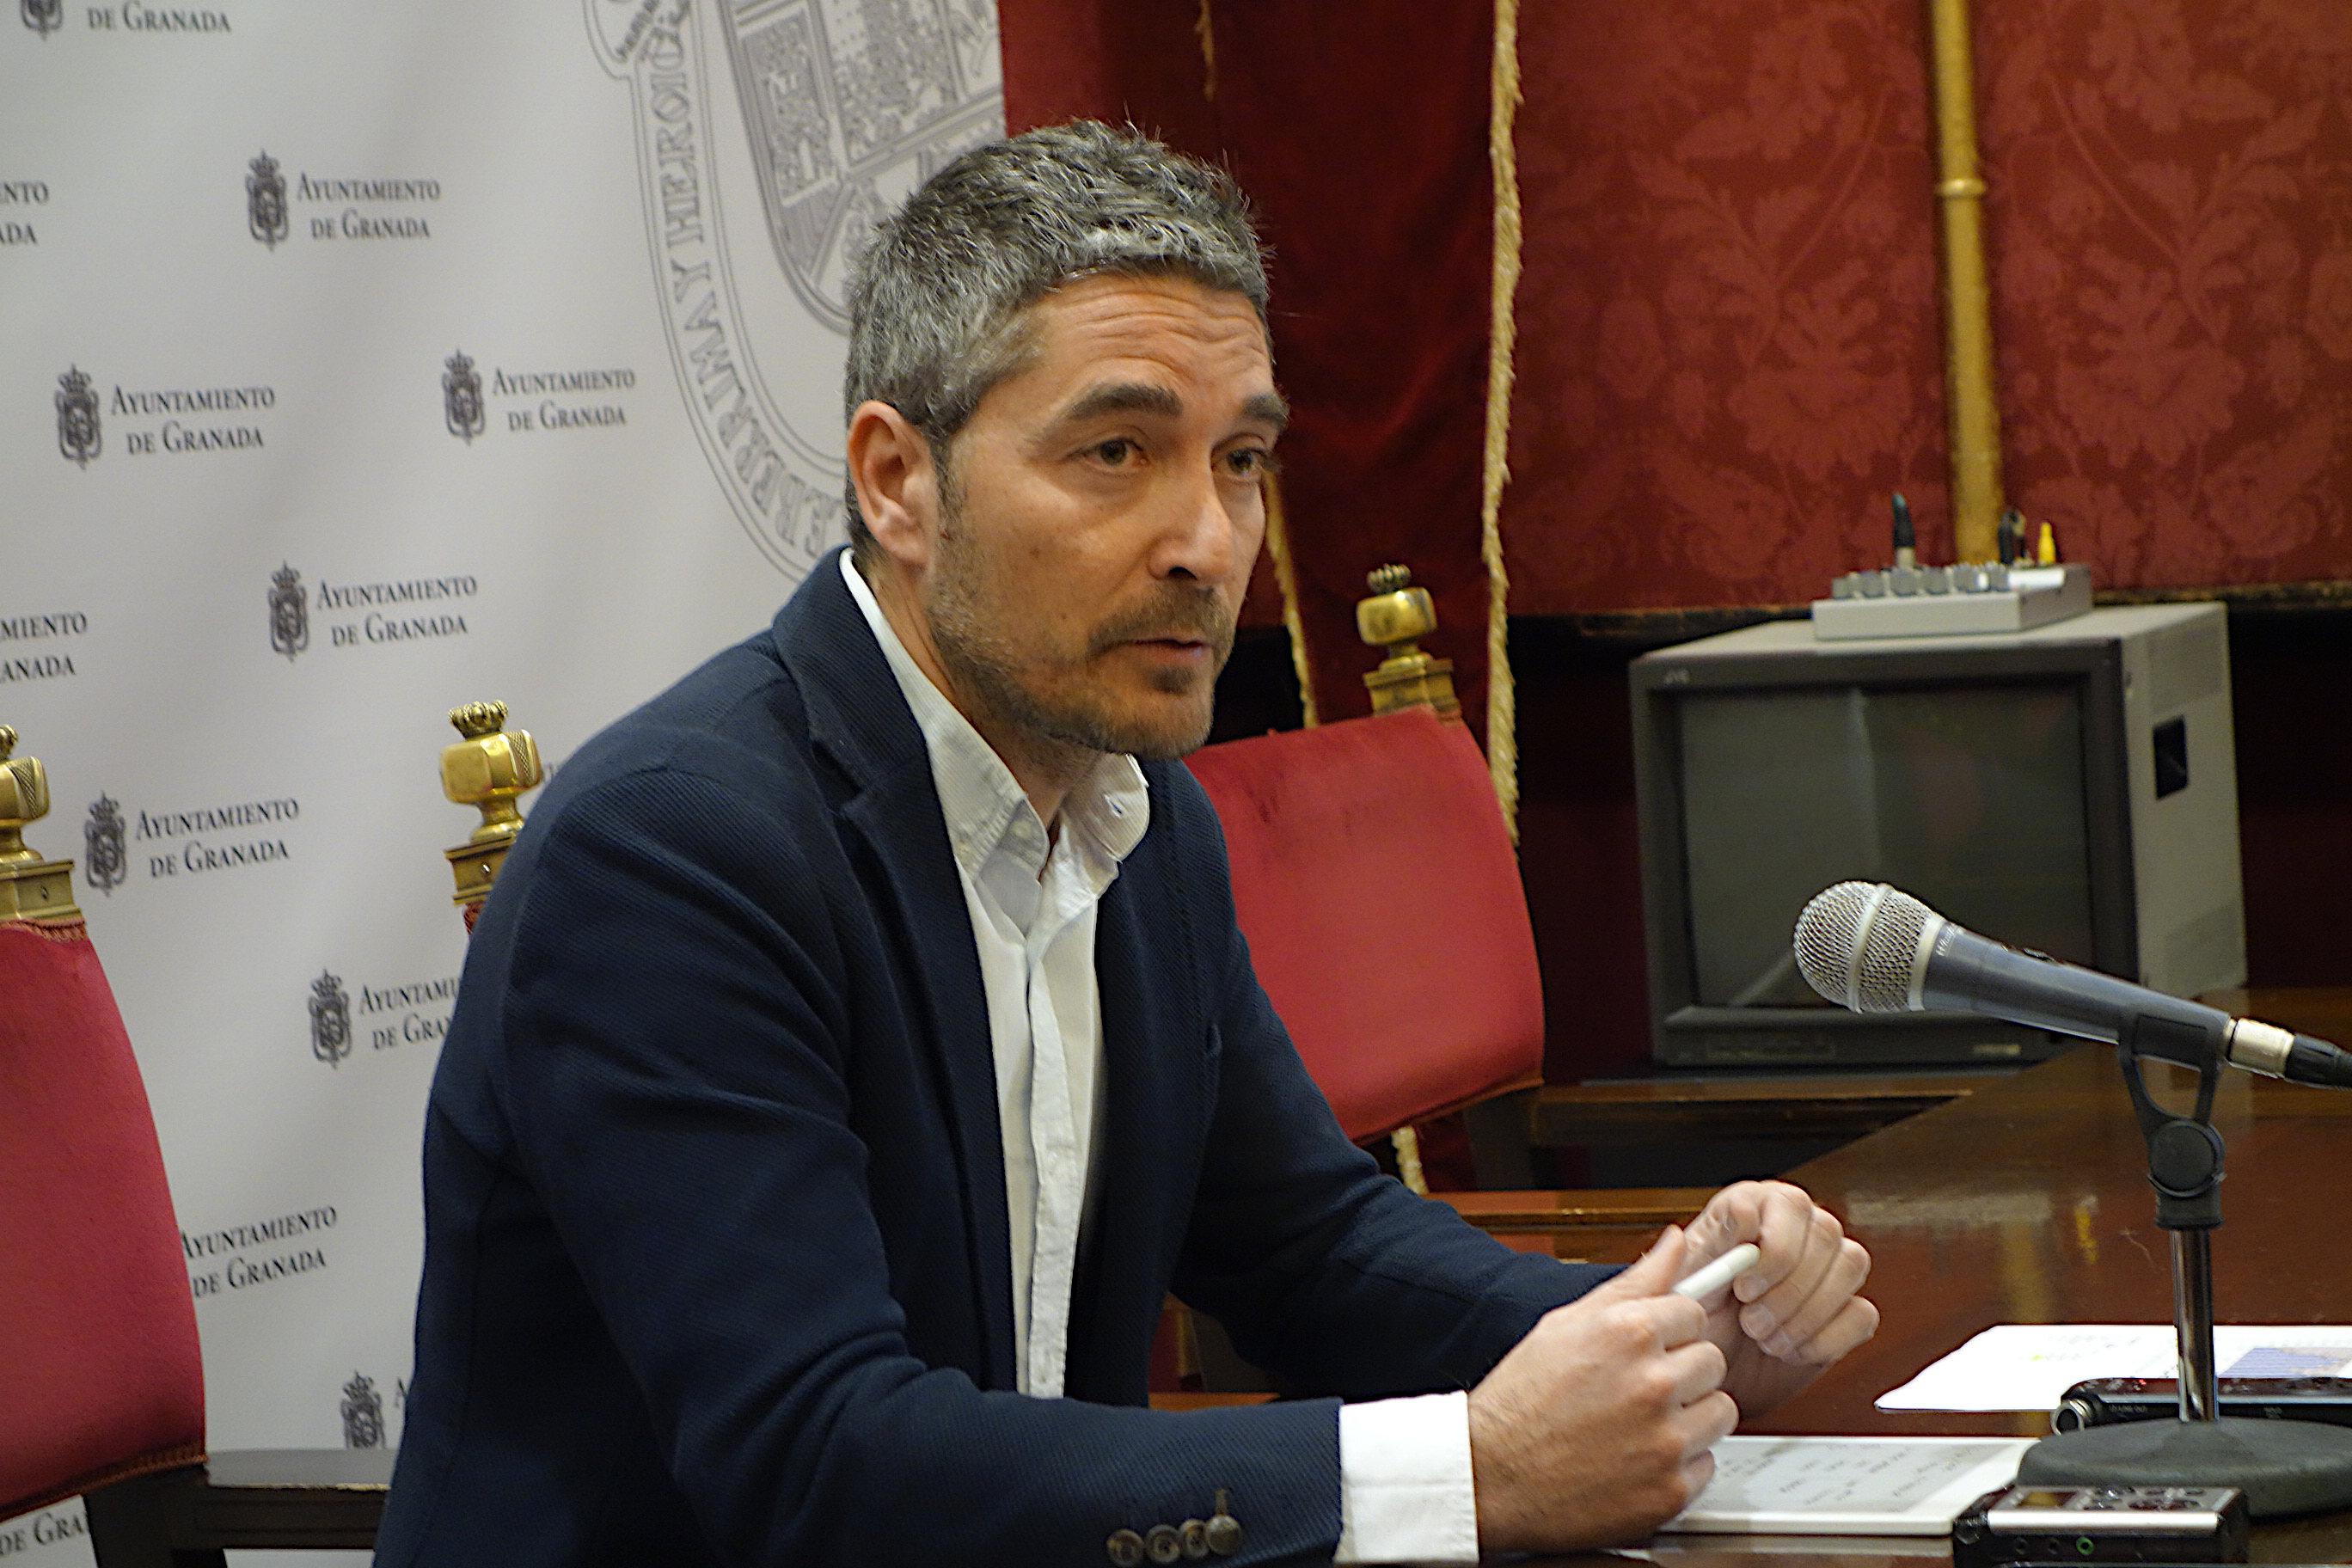 UGT exige disculpas públicas a Manuel Olivares por sus despectivas y machistas declaraciones a una representante sindical